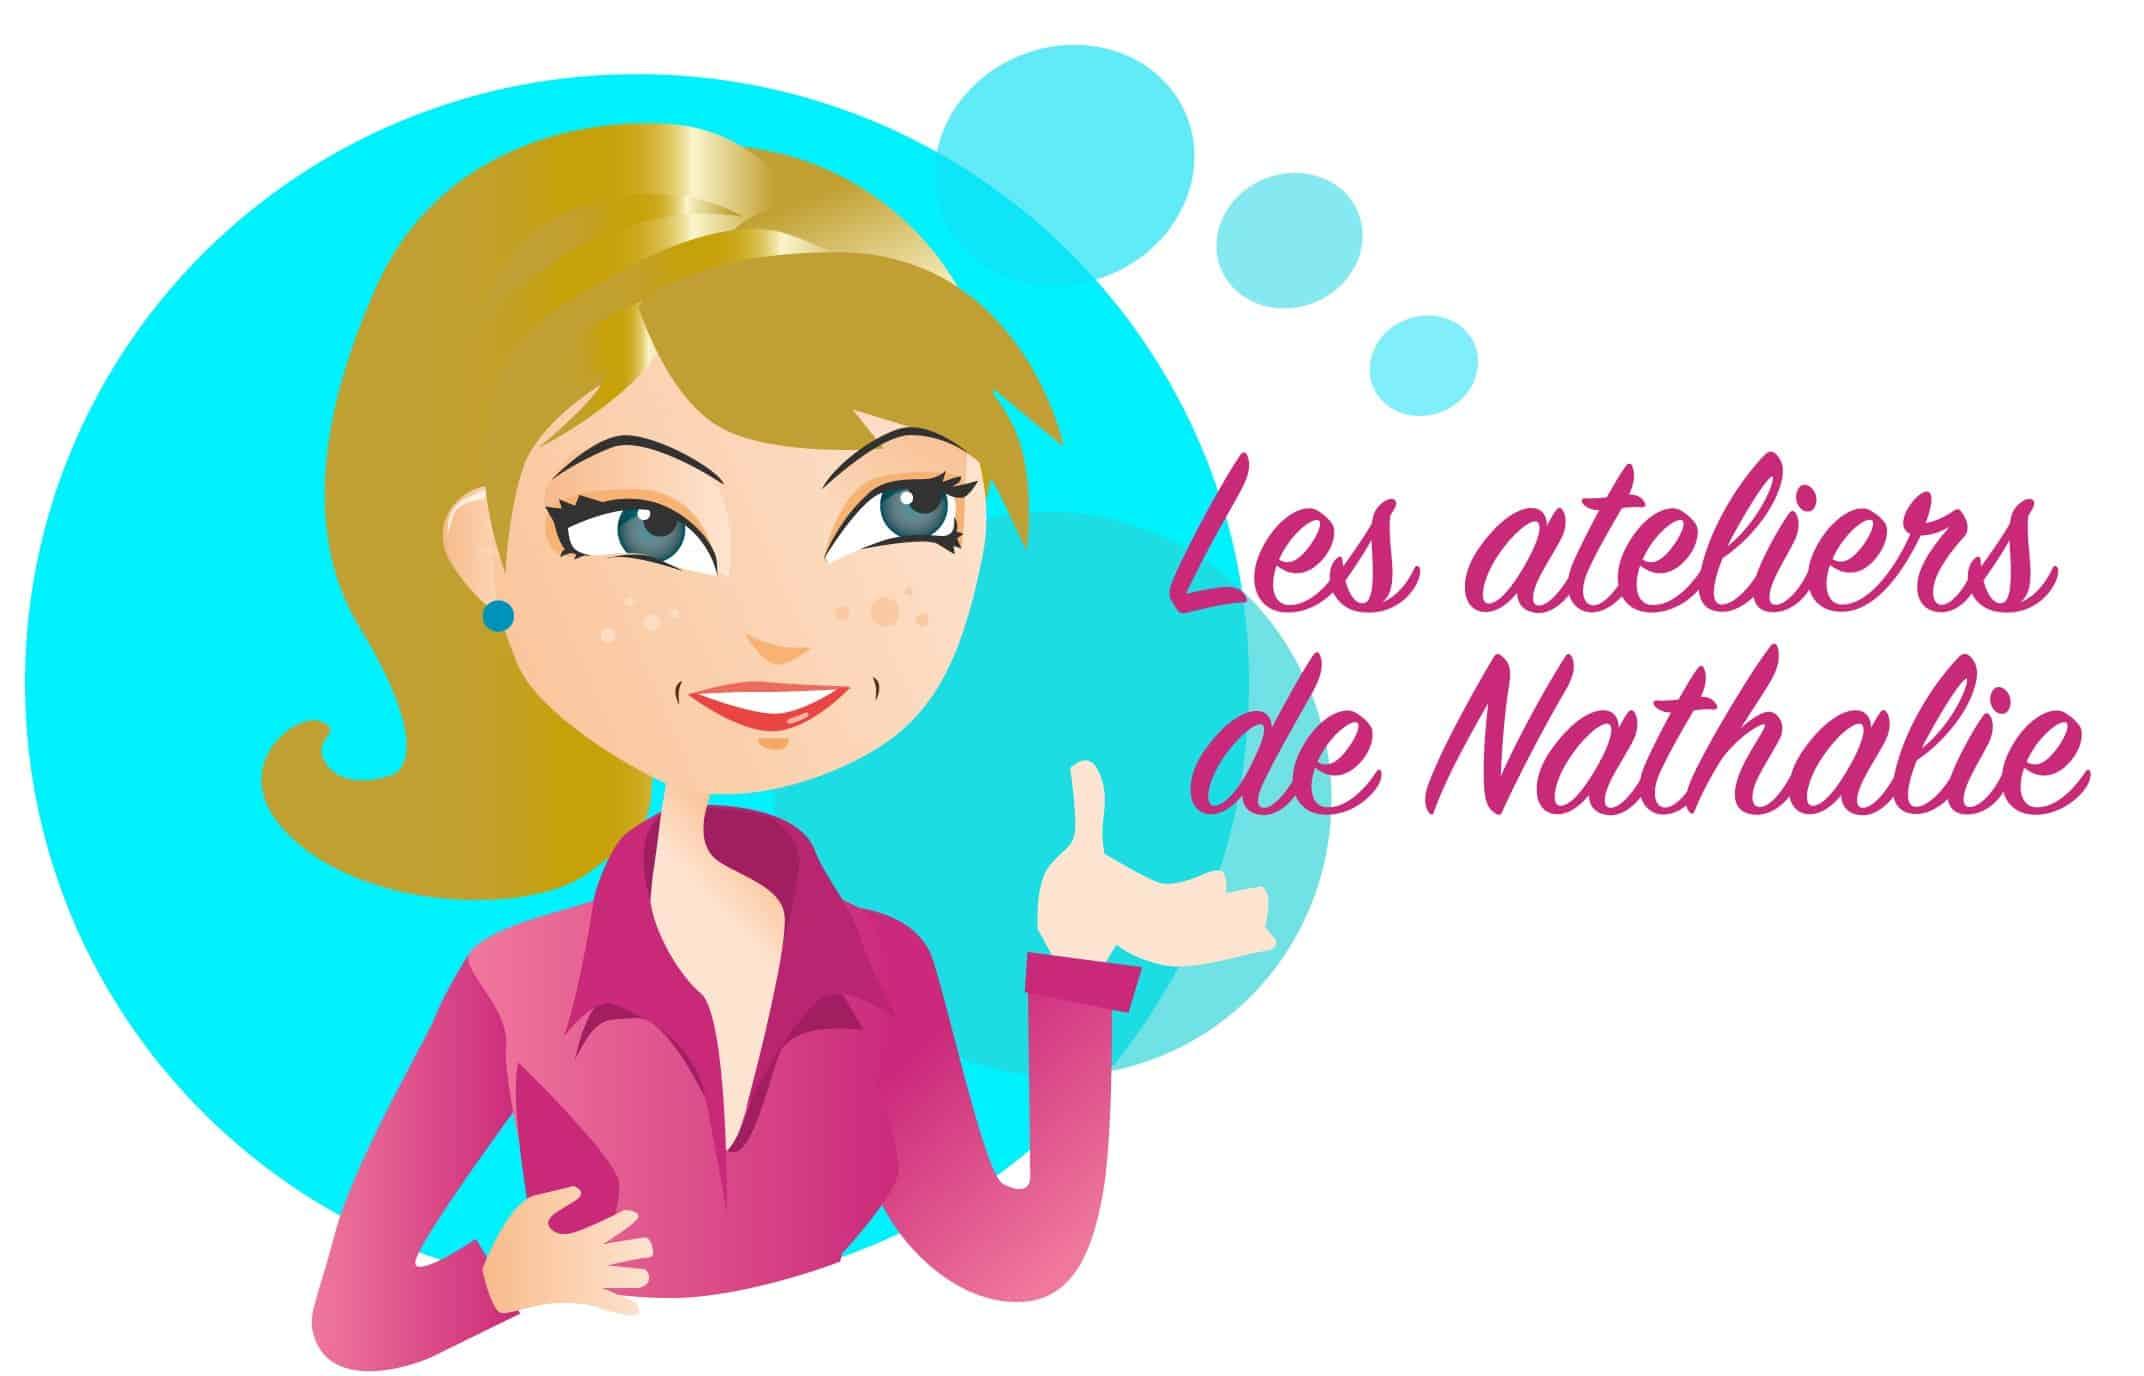 Les ateliers de Nathalie